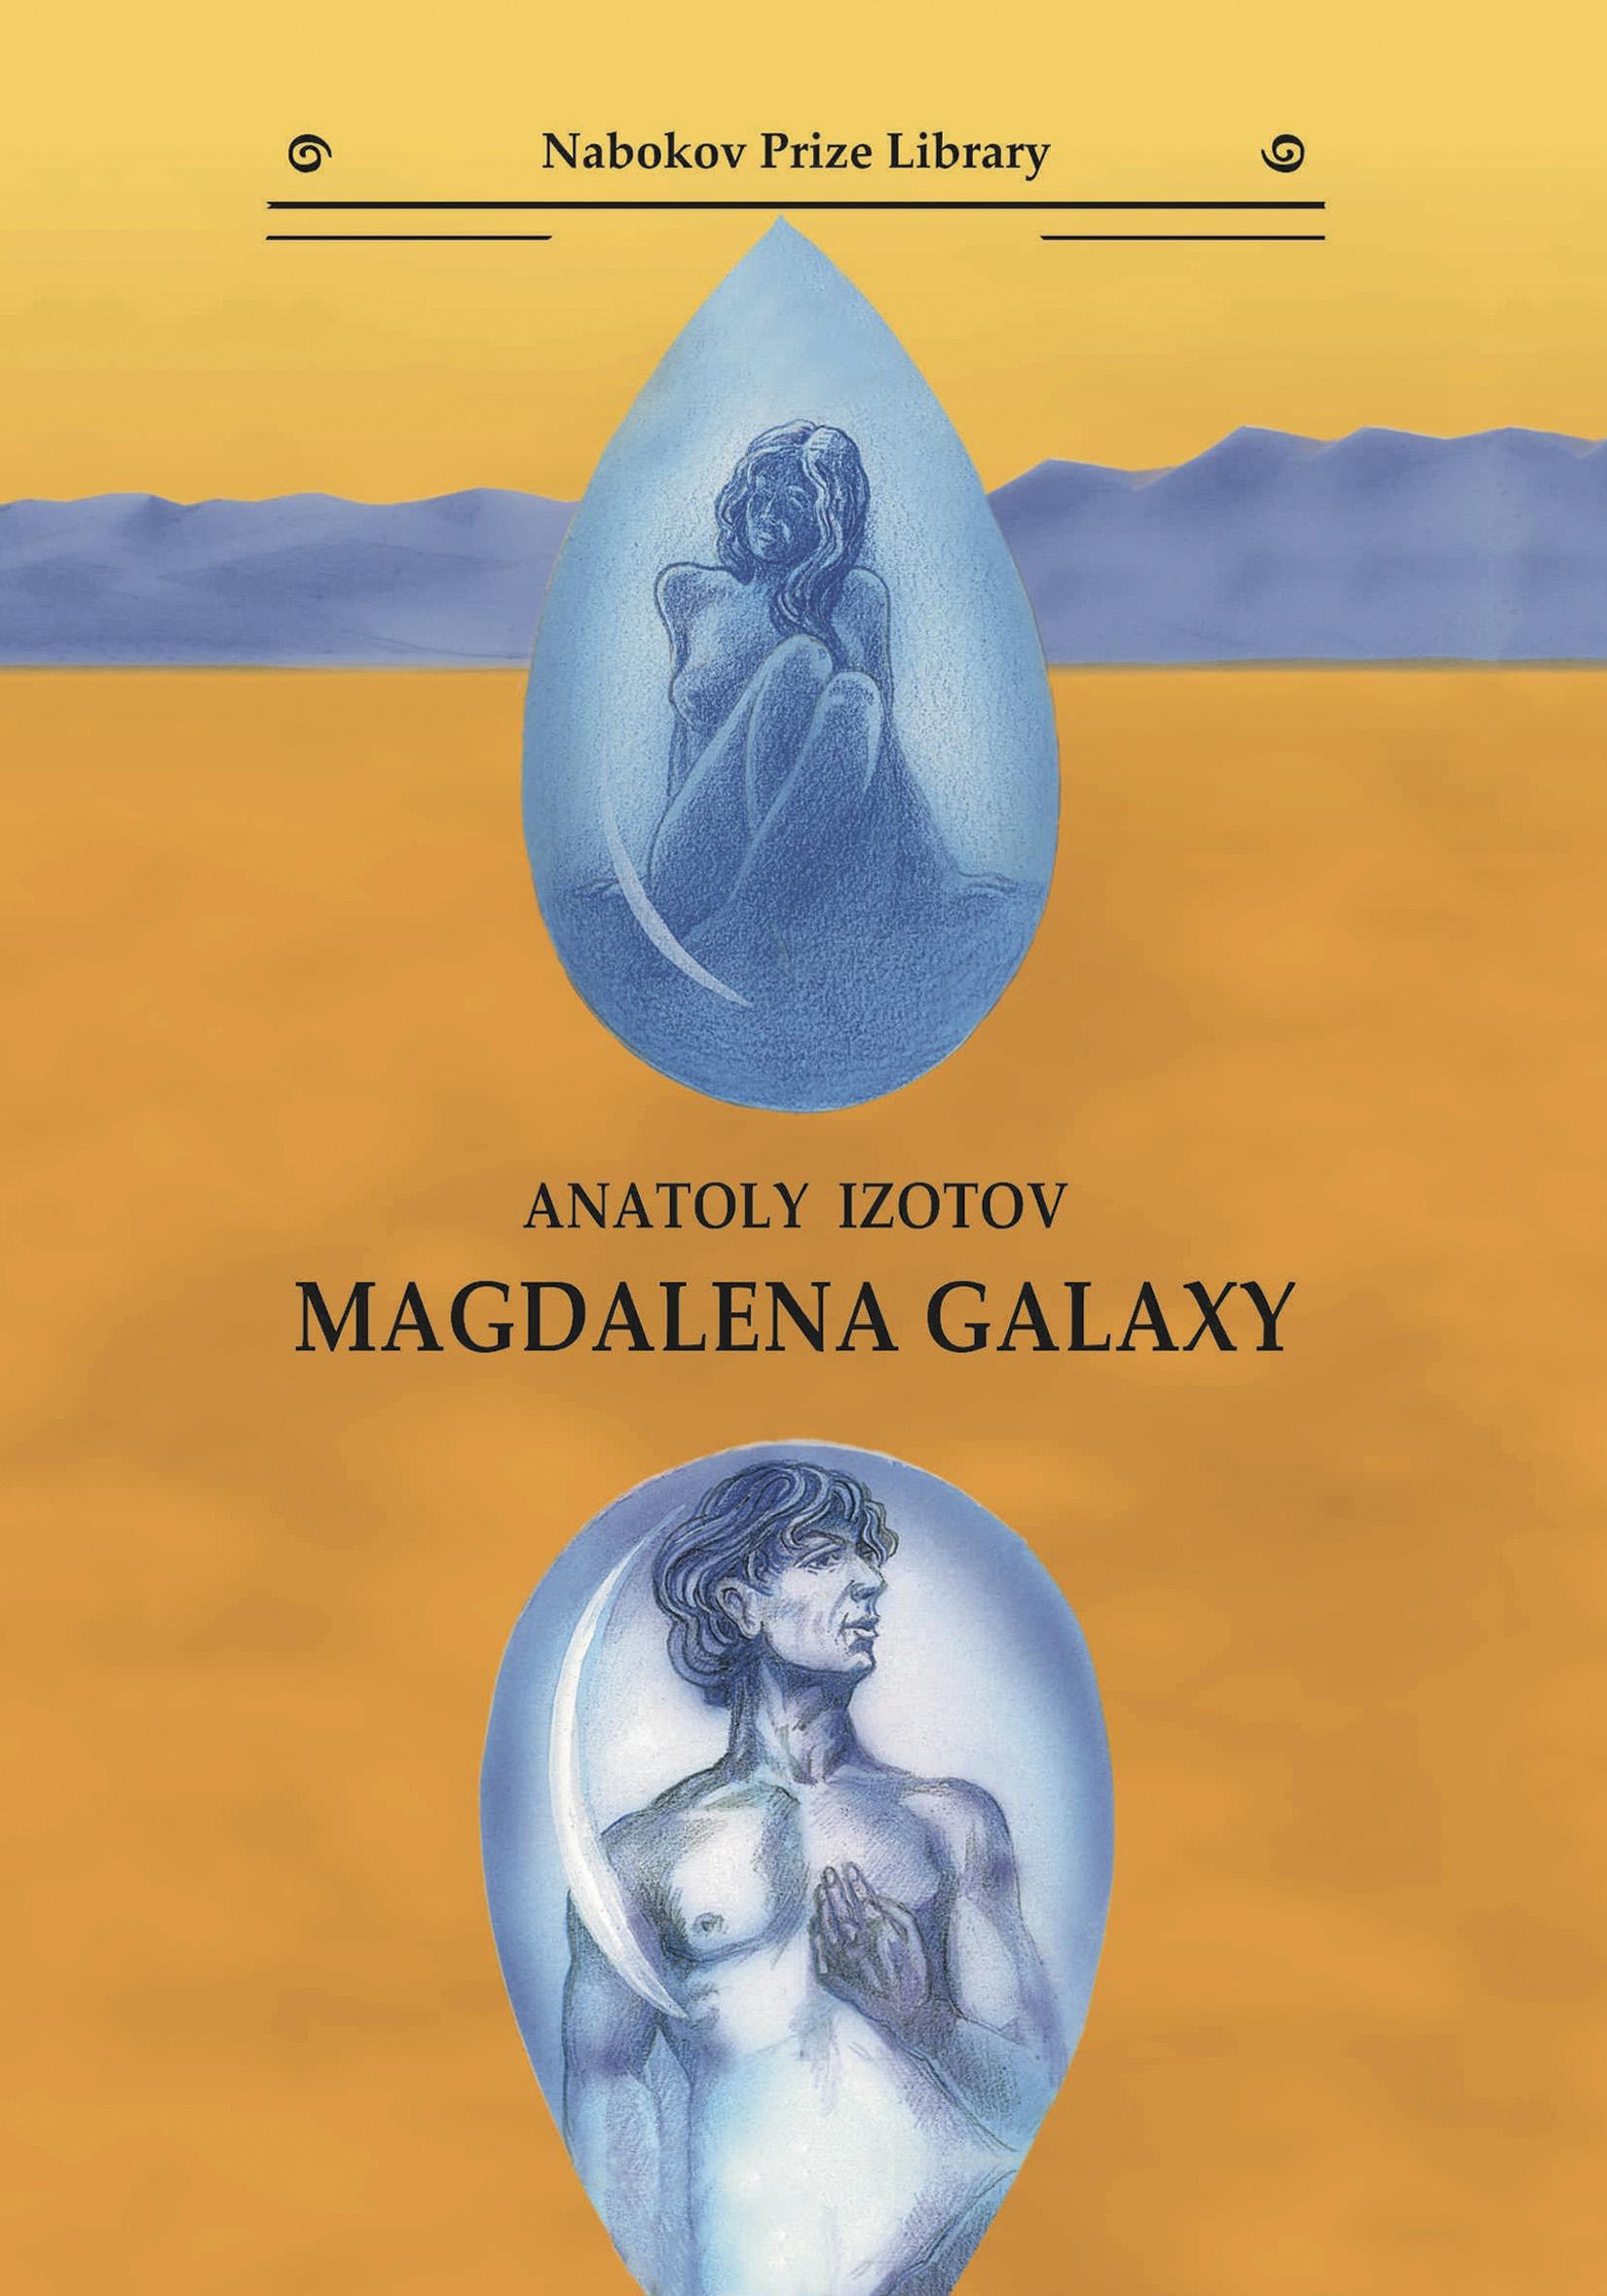 Галактика Магдалена. Встреча в поднебесье